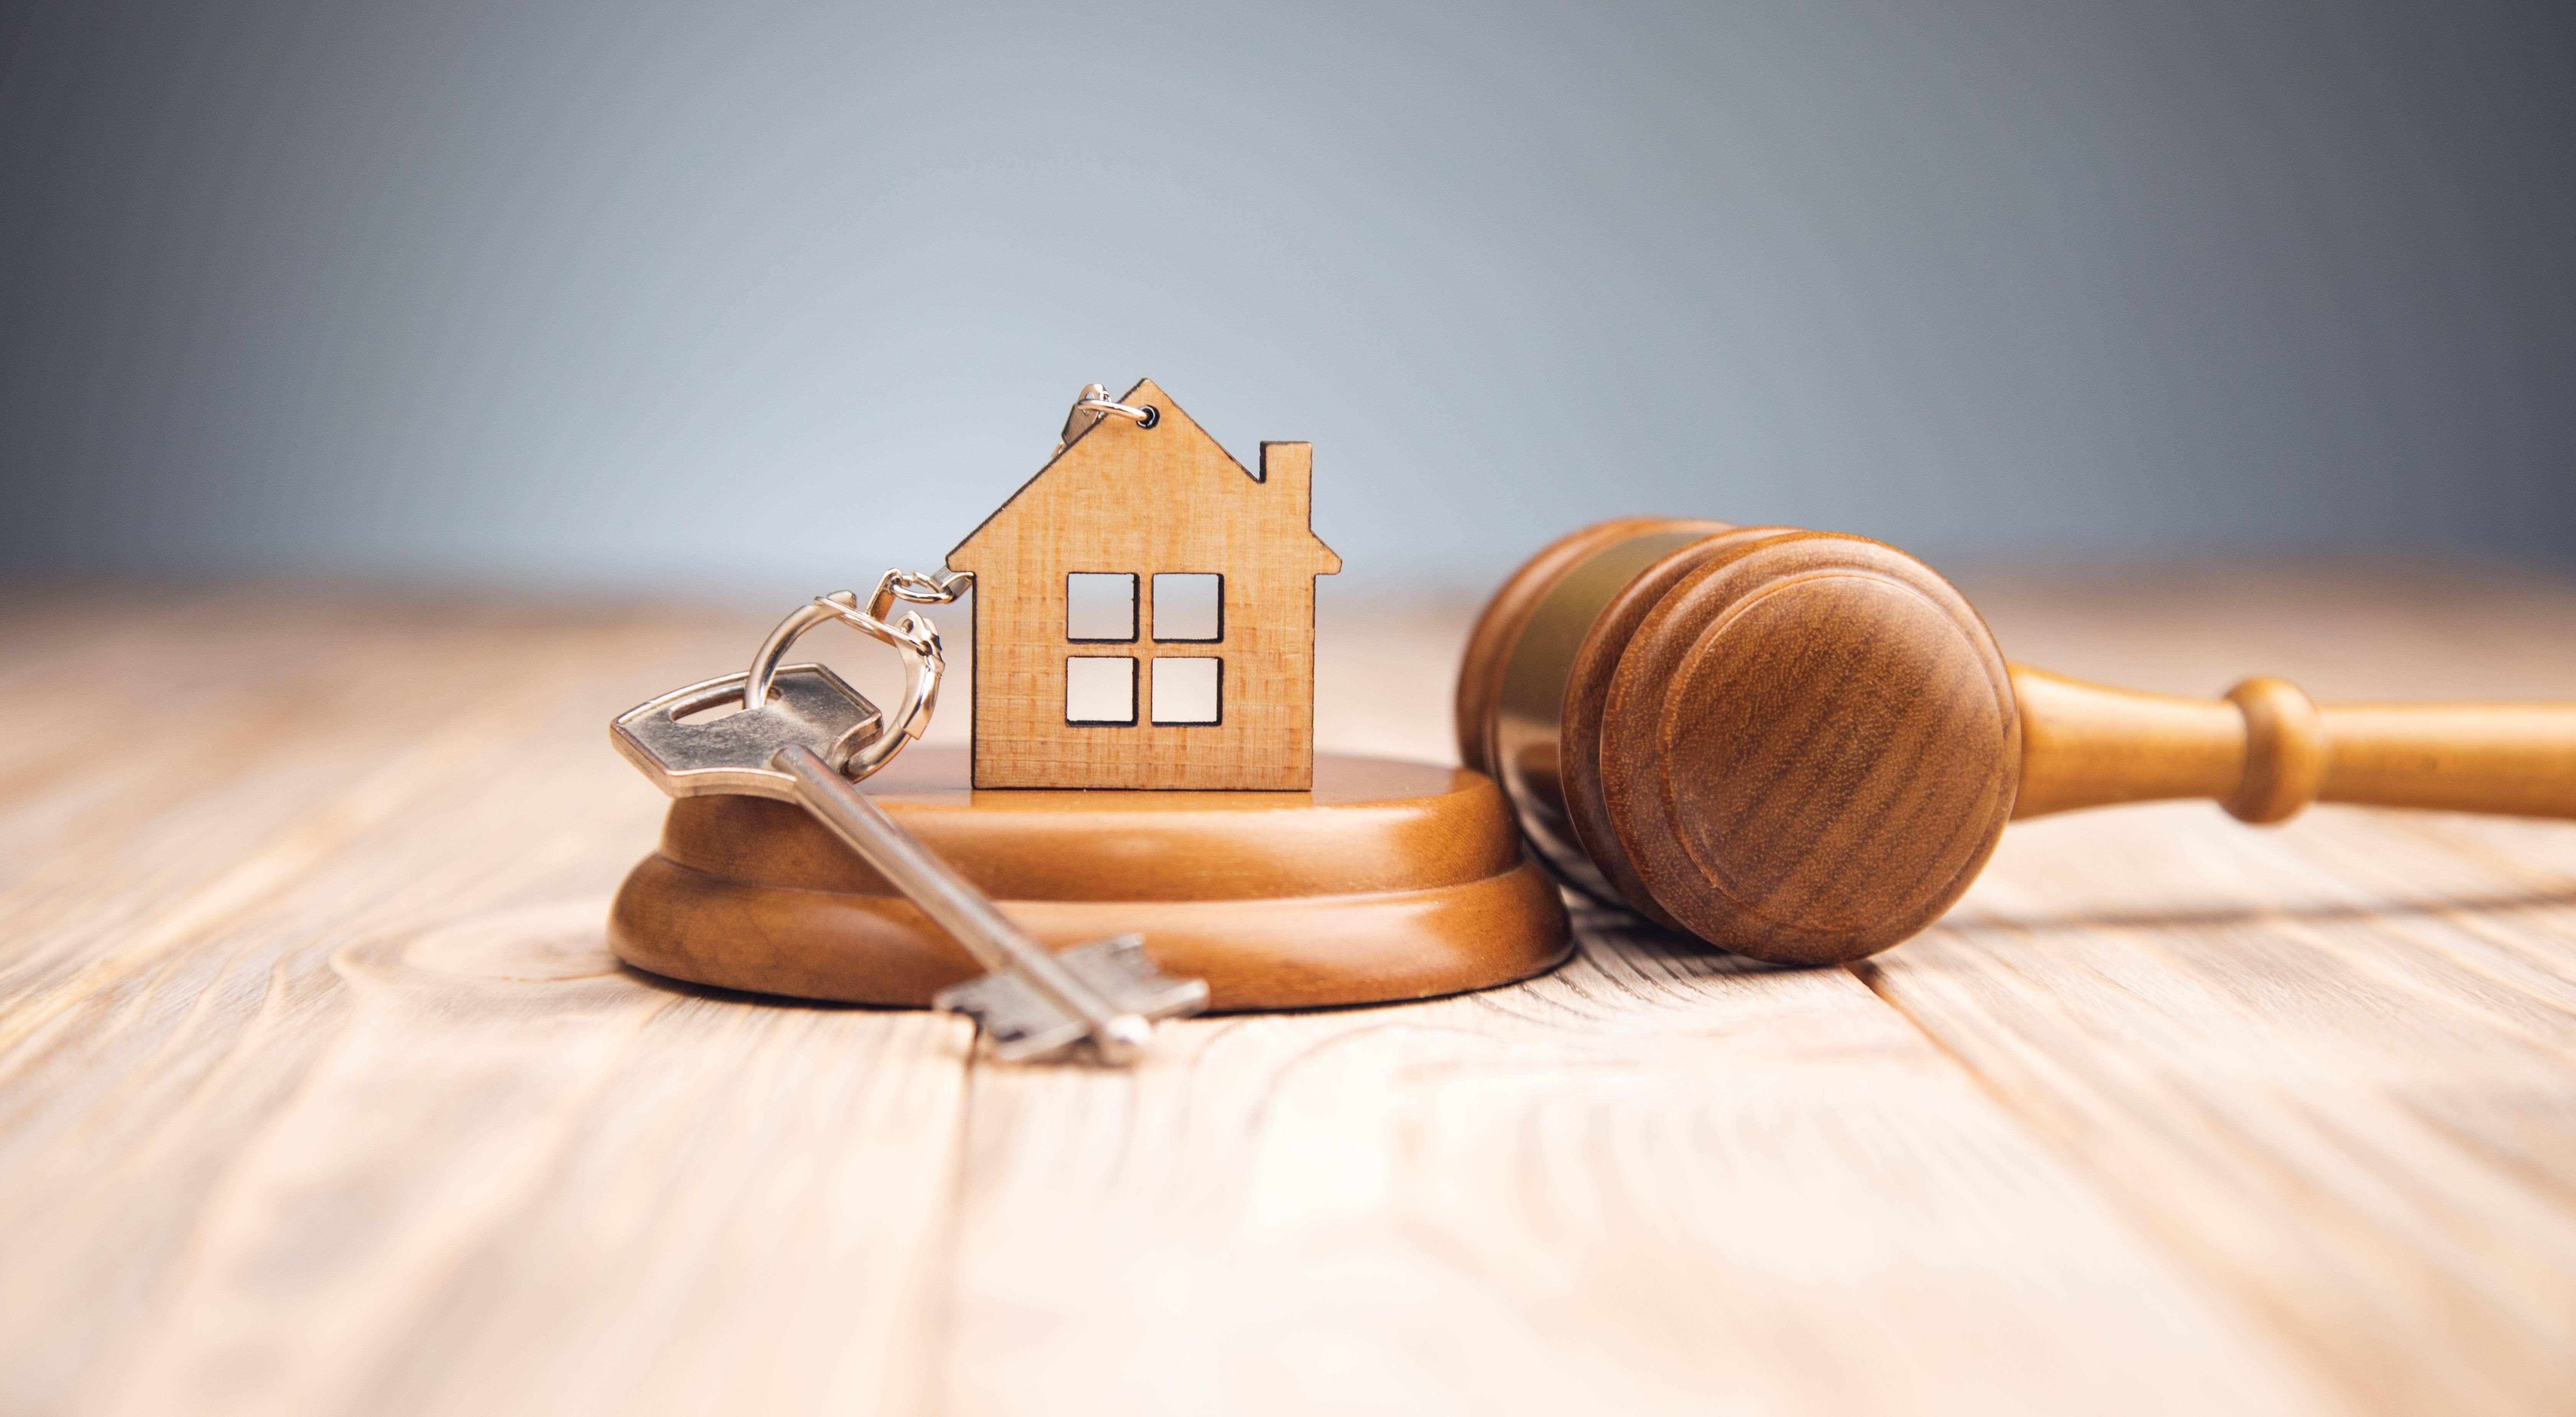 Droits et obligations des propriétaires et locataires  : qui paie quoi